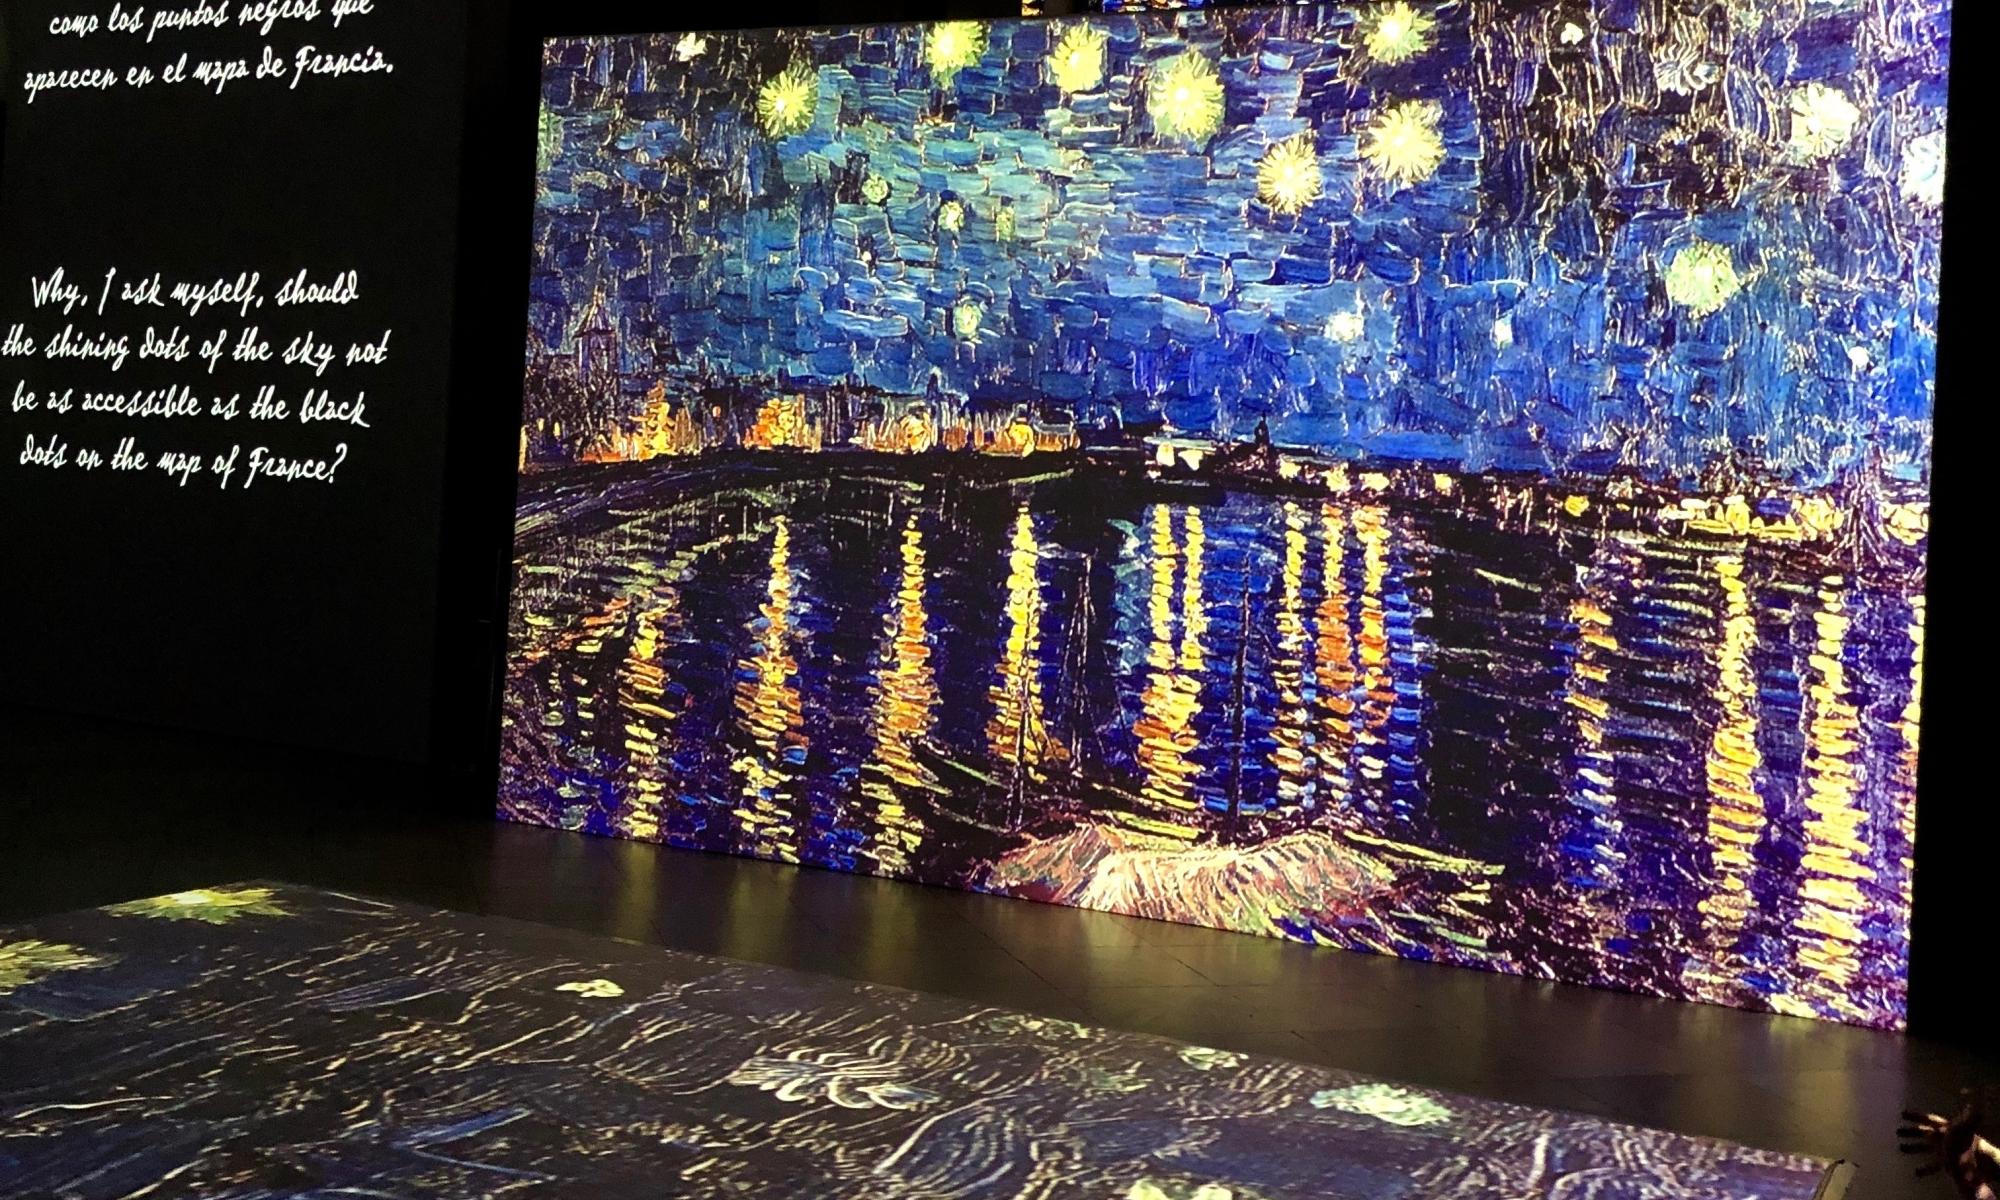 Exposiciones madrid febrero 2019 | Van Gogh Alive